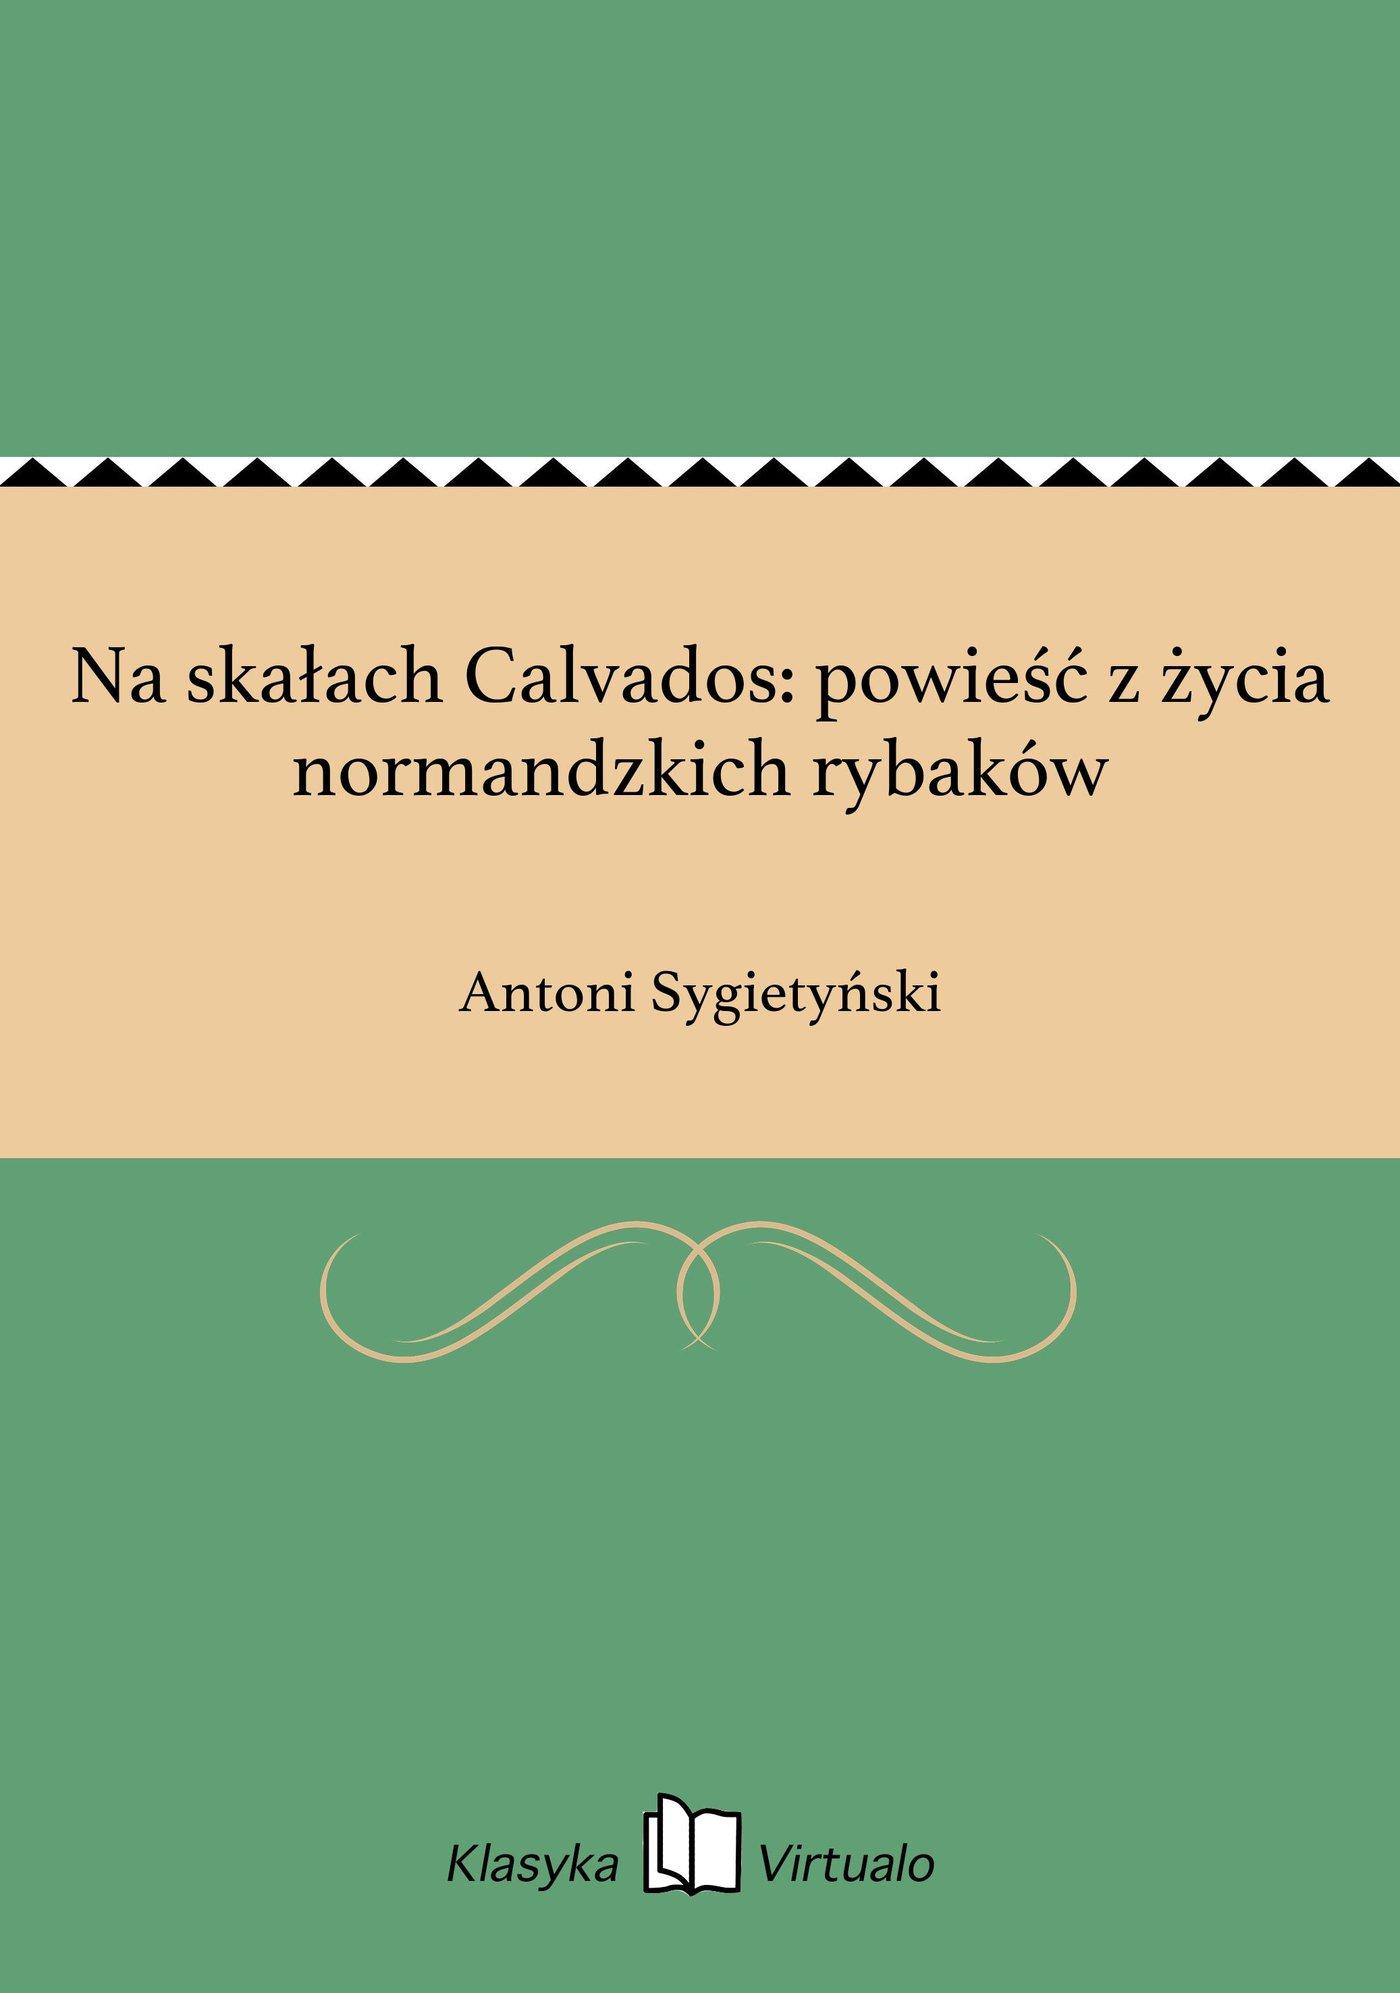 Na skałach Calvados: powieść z życia normandzkich rybaków - Ebook (Książka EPUB) do pobrania w formacie EPUB